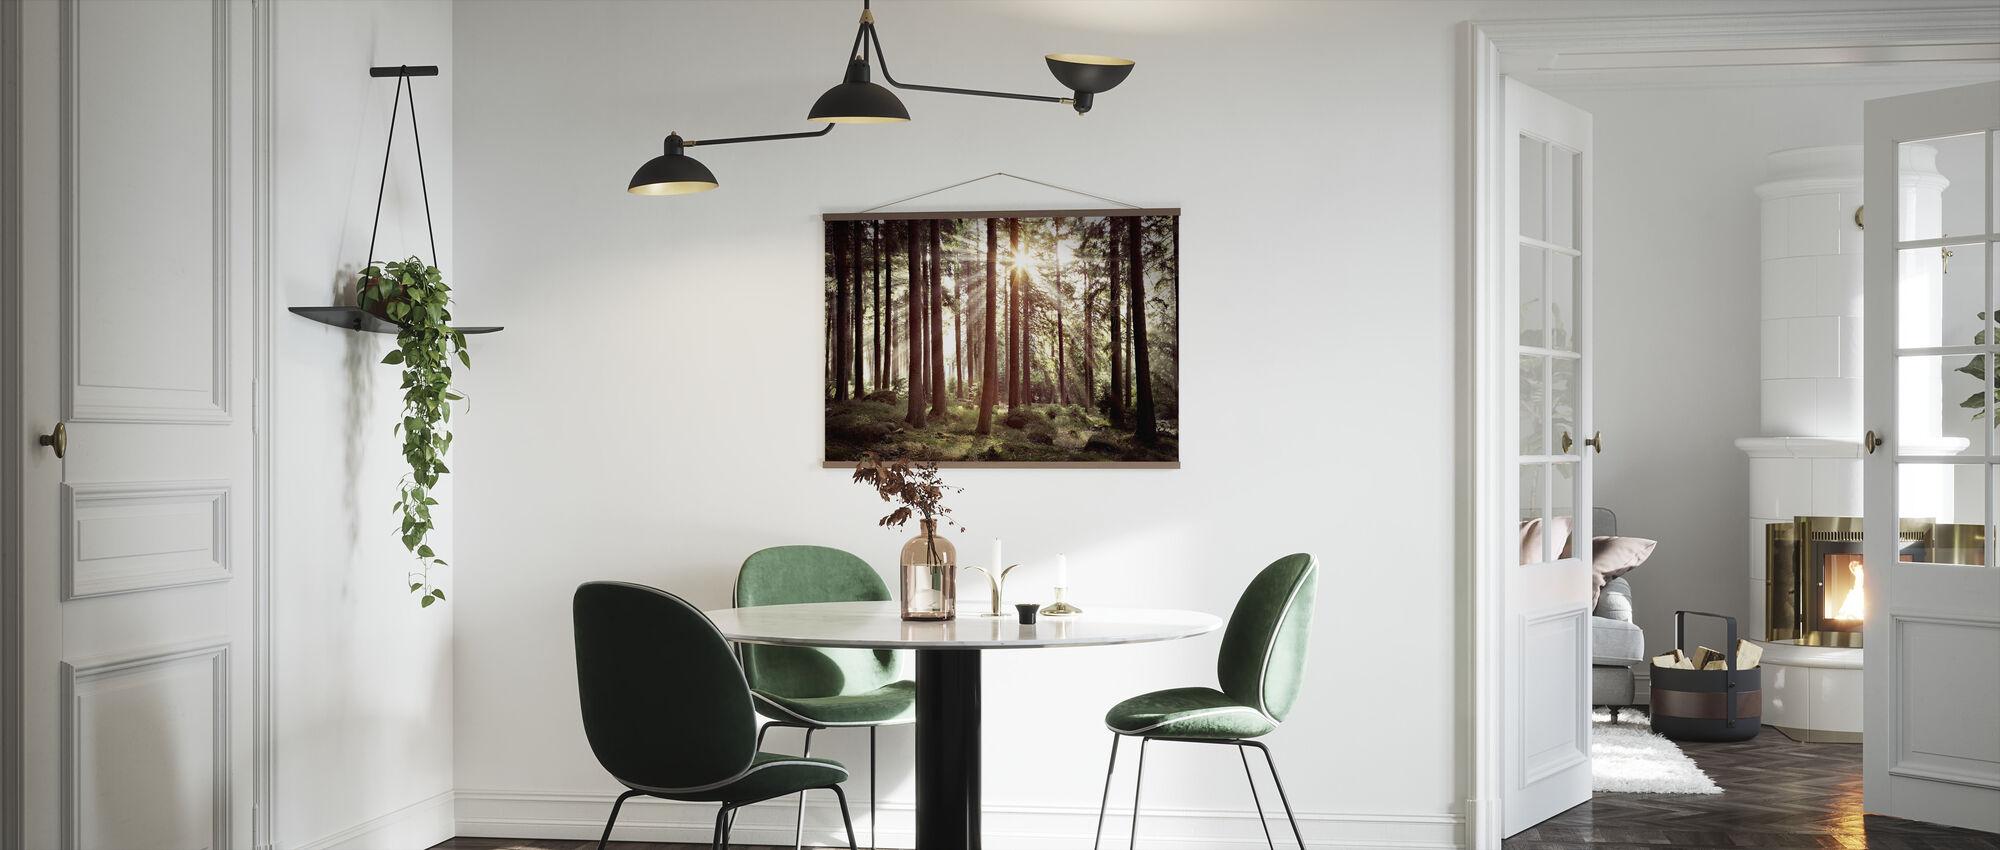 Aurinkopalkki puiden läpi - Retro - Juliste - Keittiö